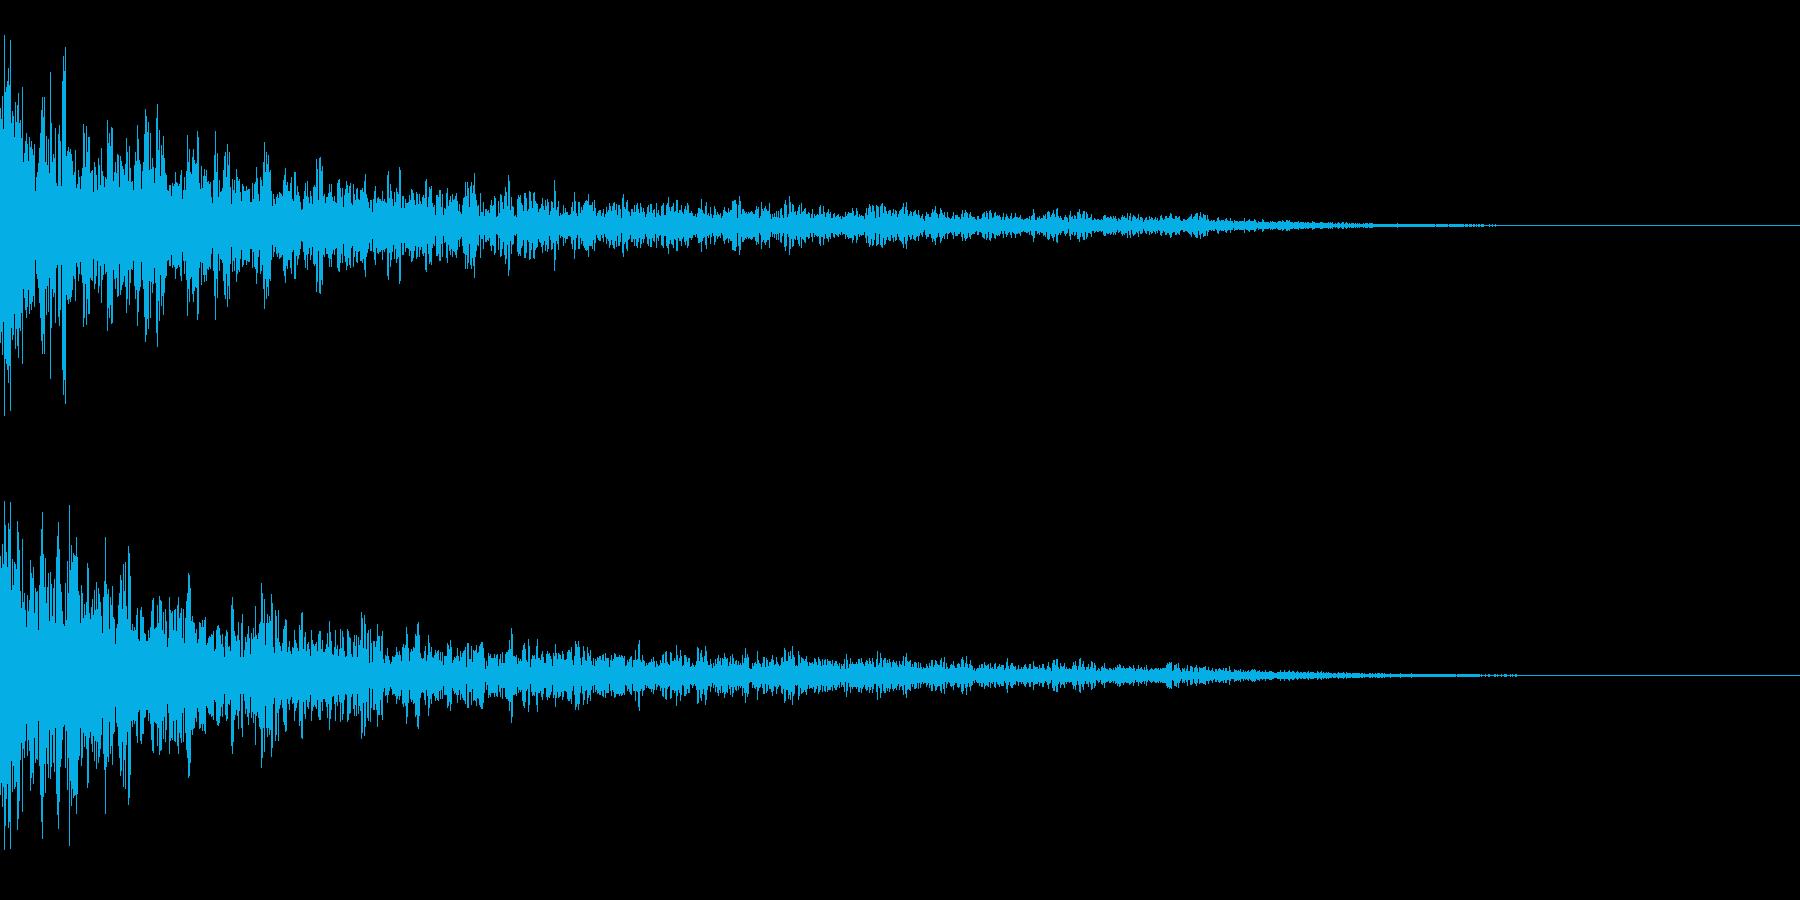 インパクト音 ドーン 余韻長めの再生済みの波形